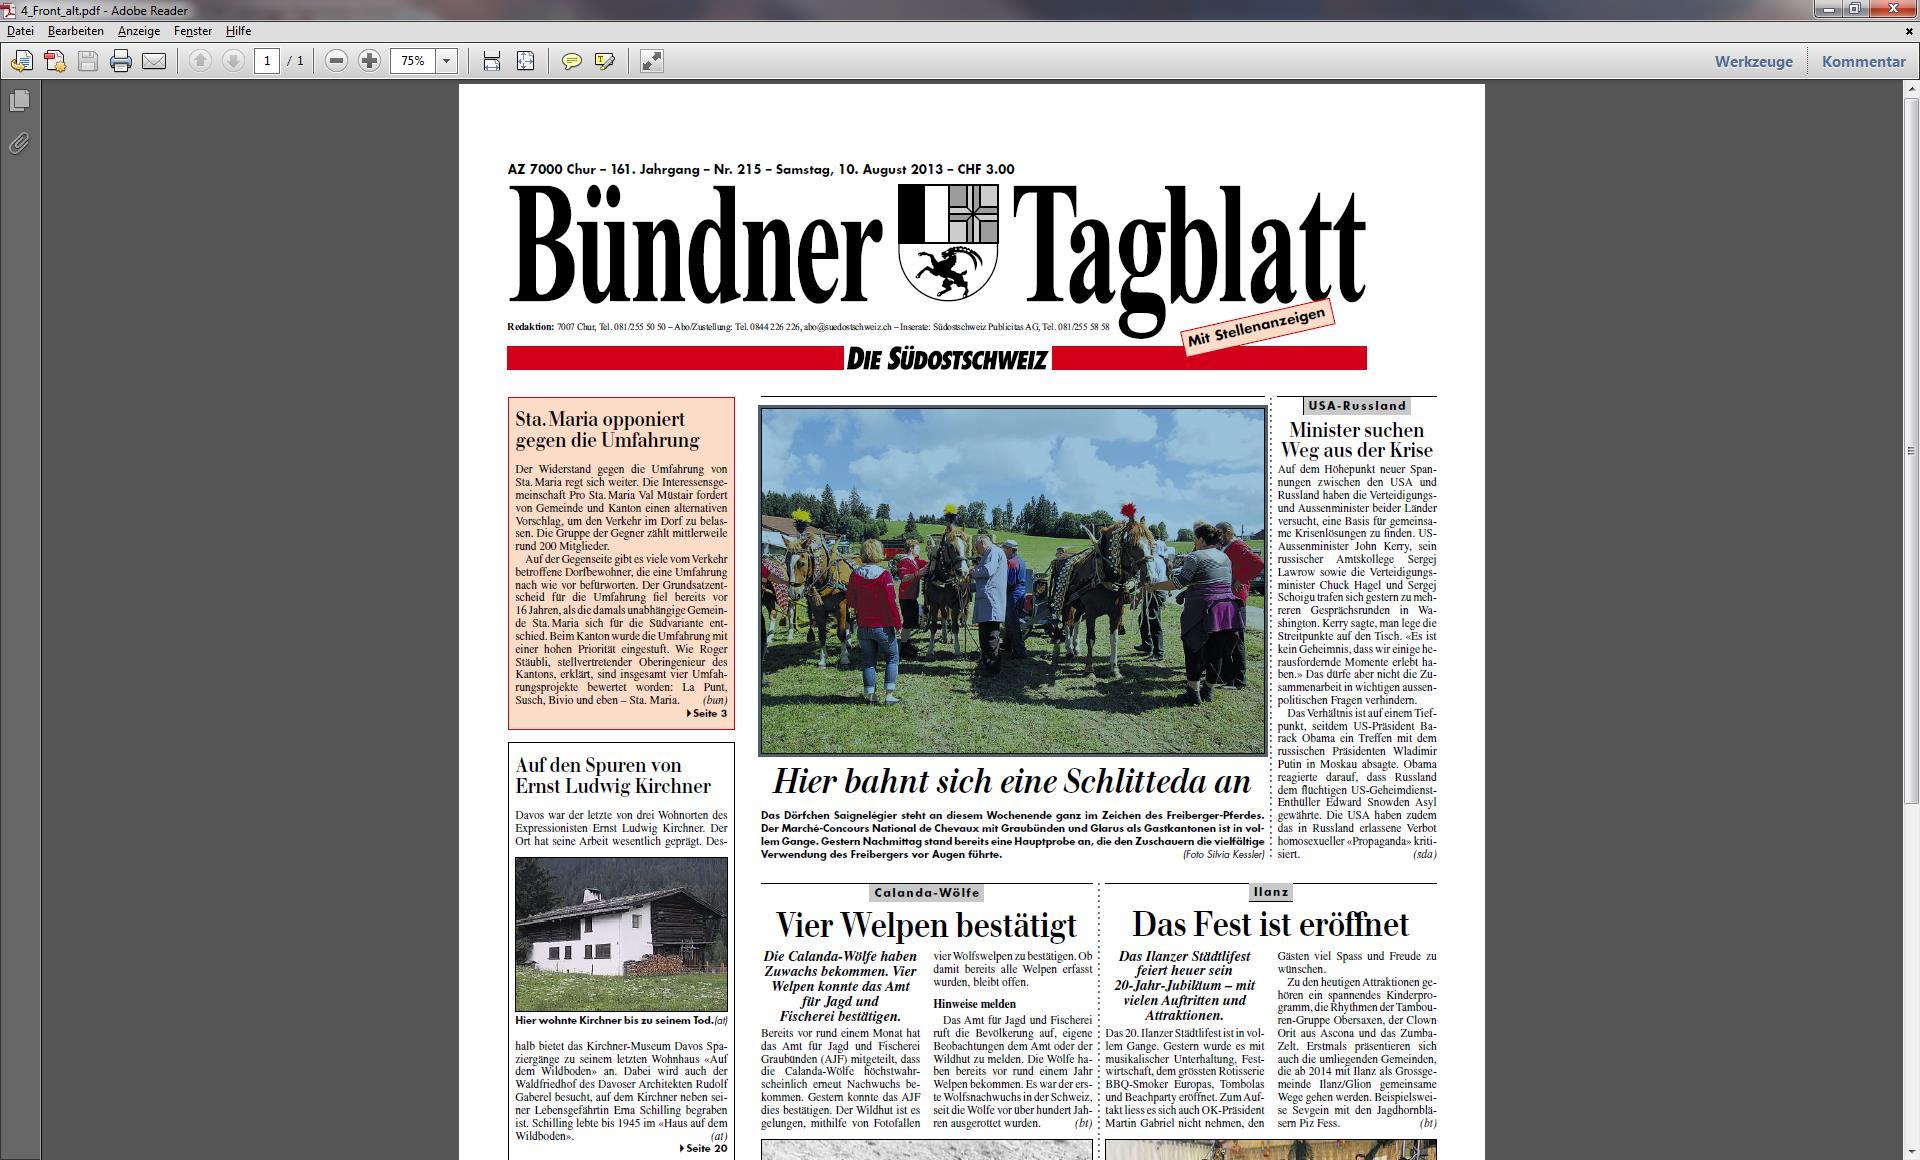 """Il costum vegl dal """"Bündner Tagblatt""""."""